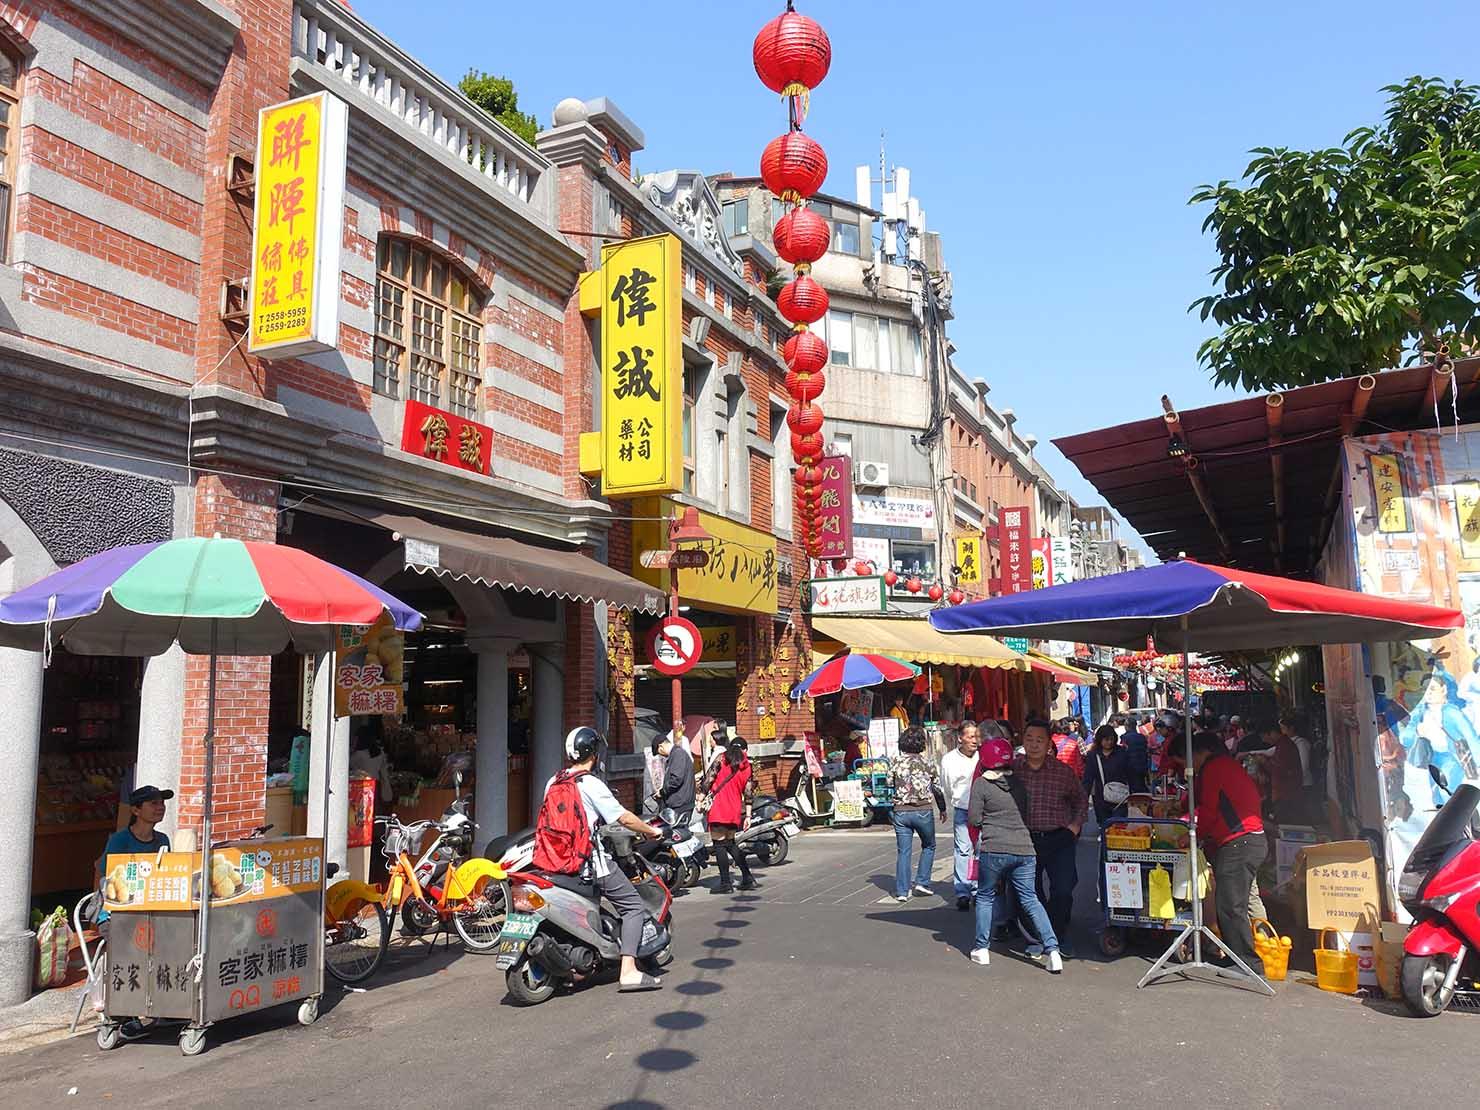 春節(旧正月)を迎えたの台北の観光スポット「迪化街」